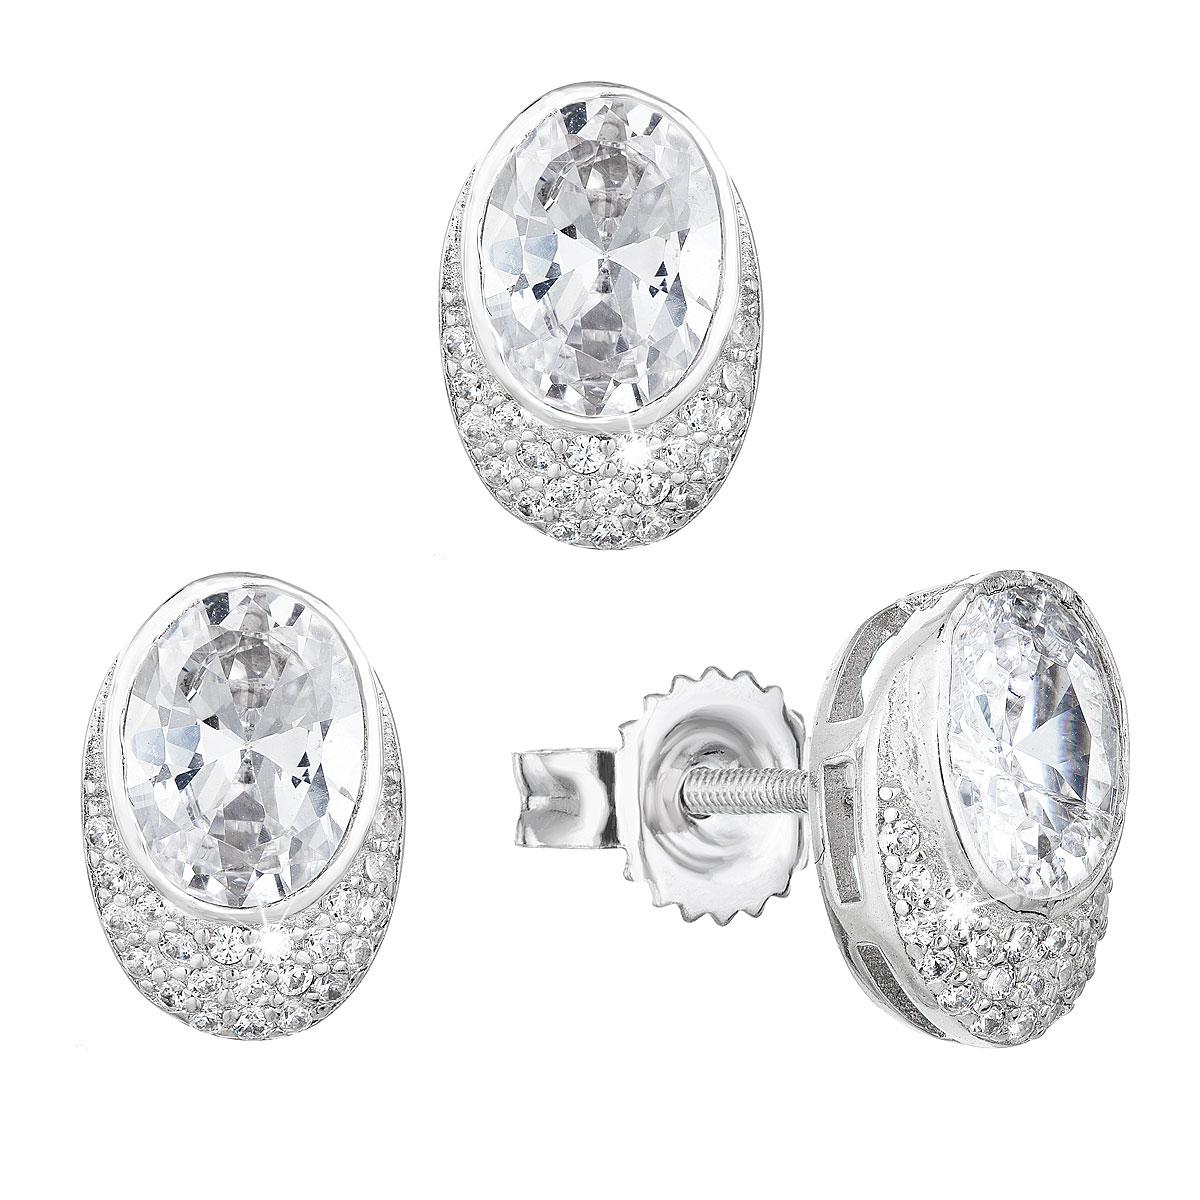 Evolution Group Sada šperků se zirkonem náušnice a přívěsek bílý ovál 19022.1